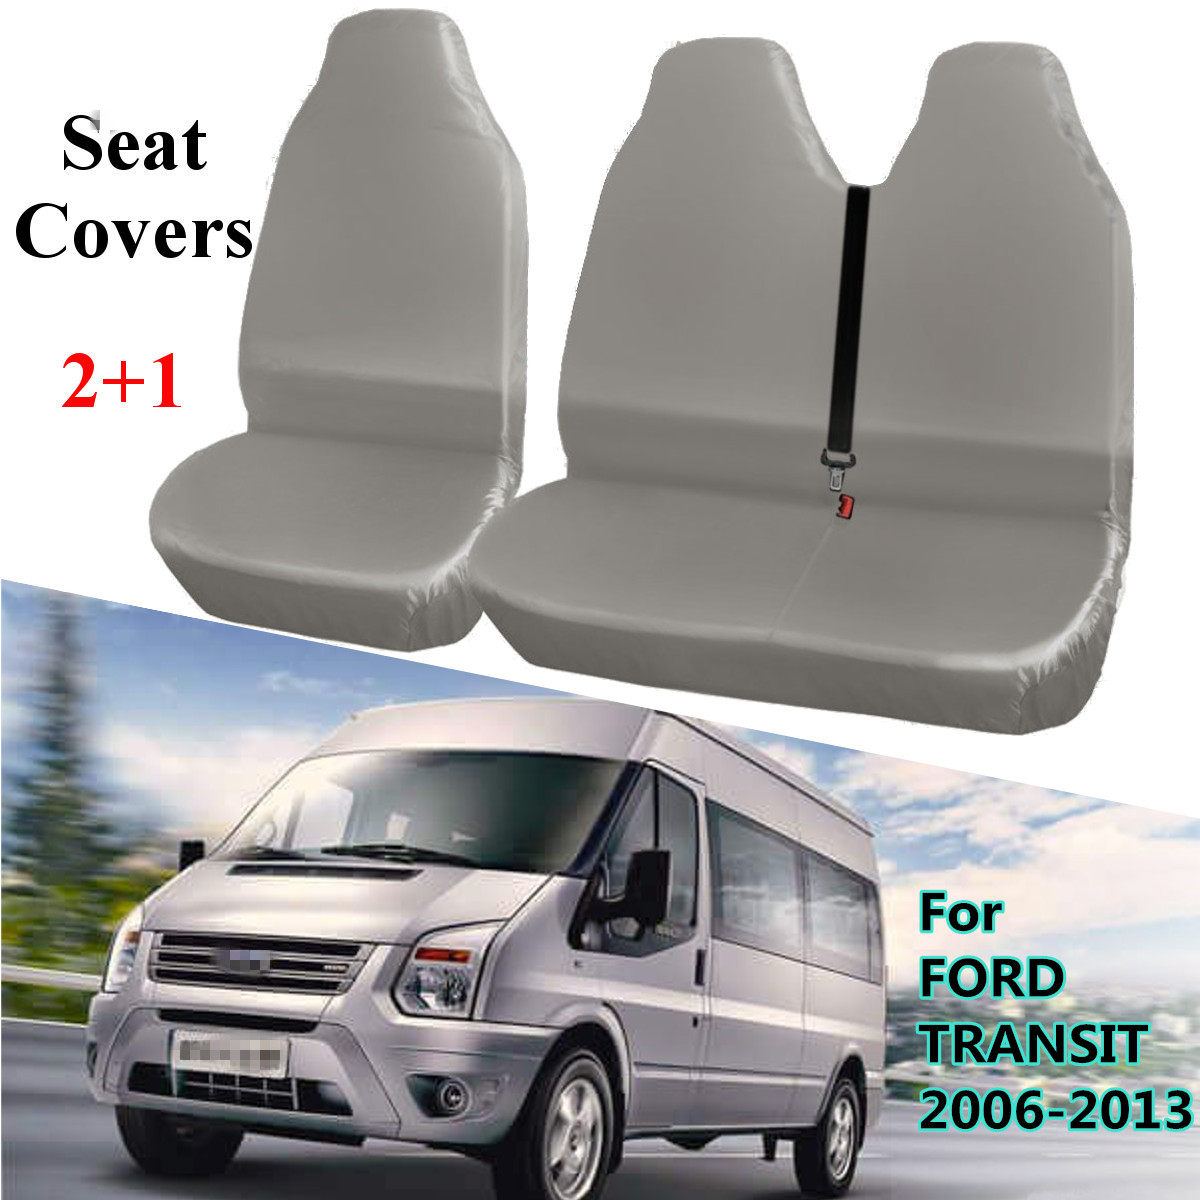 2 + 1 Grau Universelle Wasserdichte Van Autos Sitzbezüge Schutzfolie für FORD TRANSIT 2006-2013